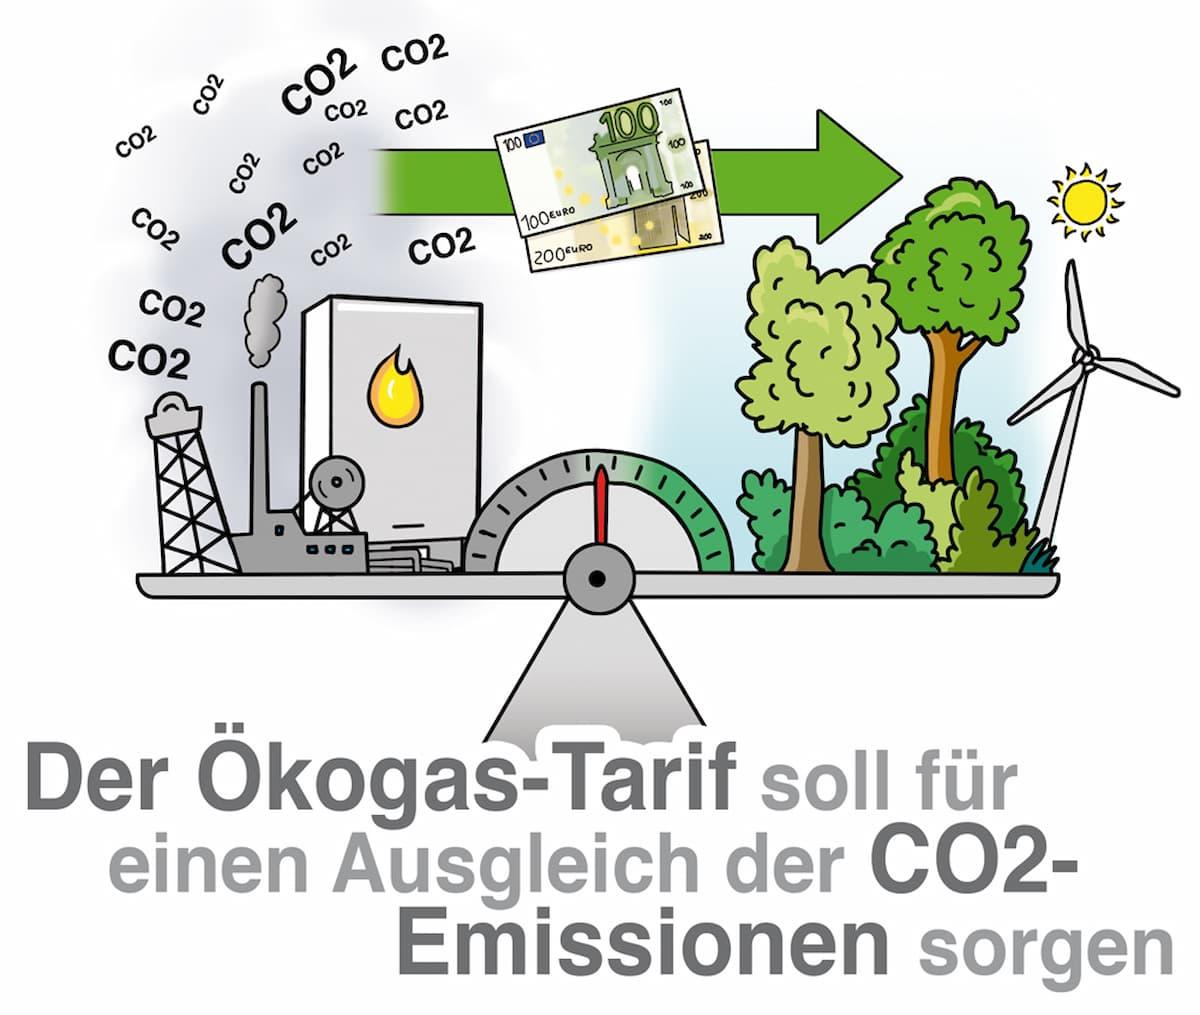 Der Ökogas-Tarif soll für den Ausgleich der CO2-Emissionen sorgen